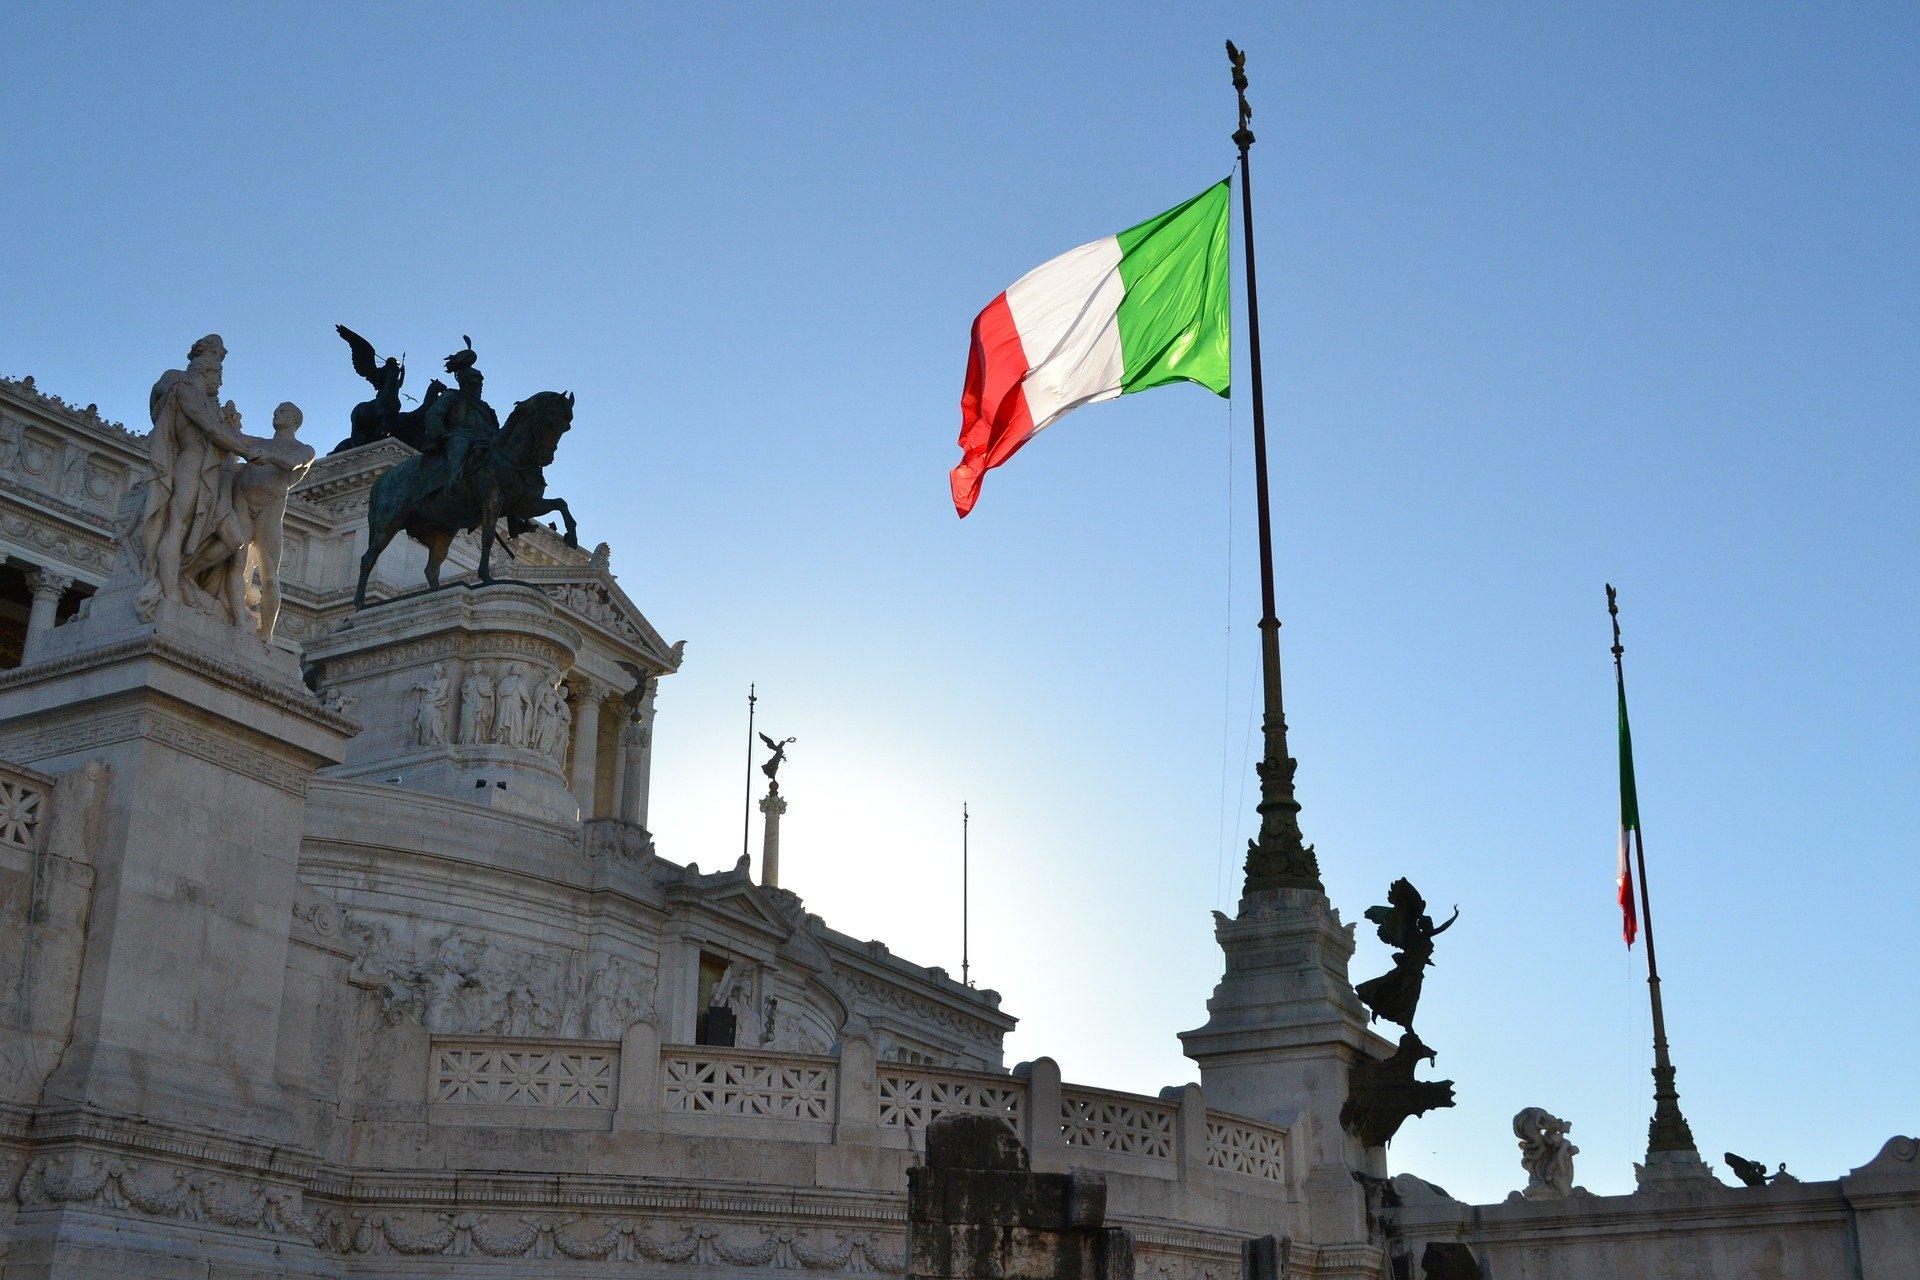 Włochy: Rząd przedłużył stan wyjątkowy do 30 kwietnia